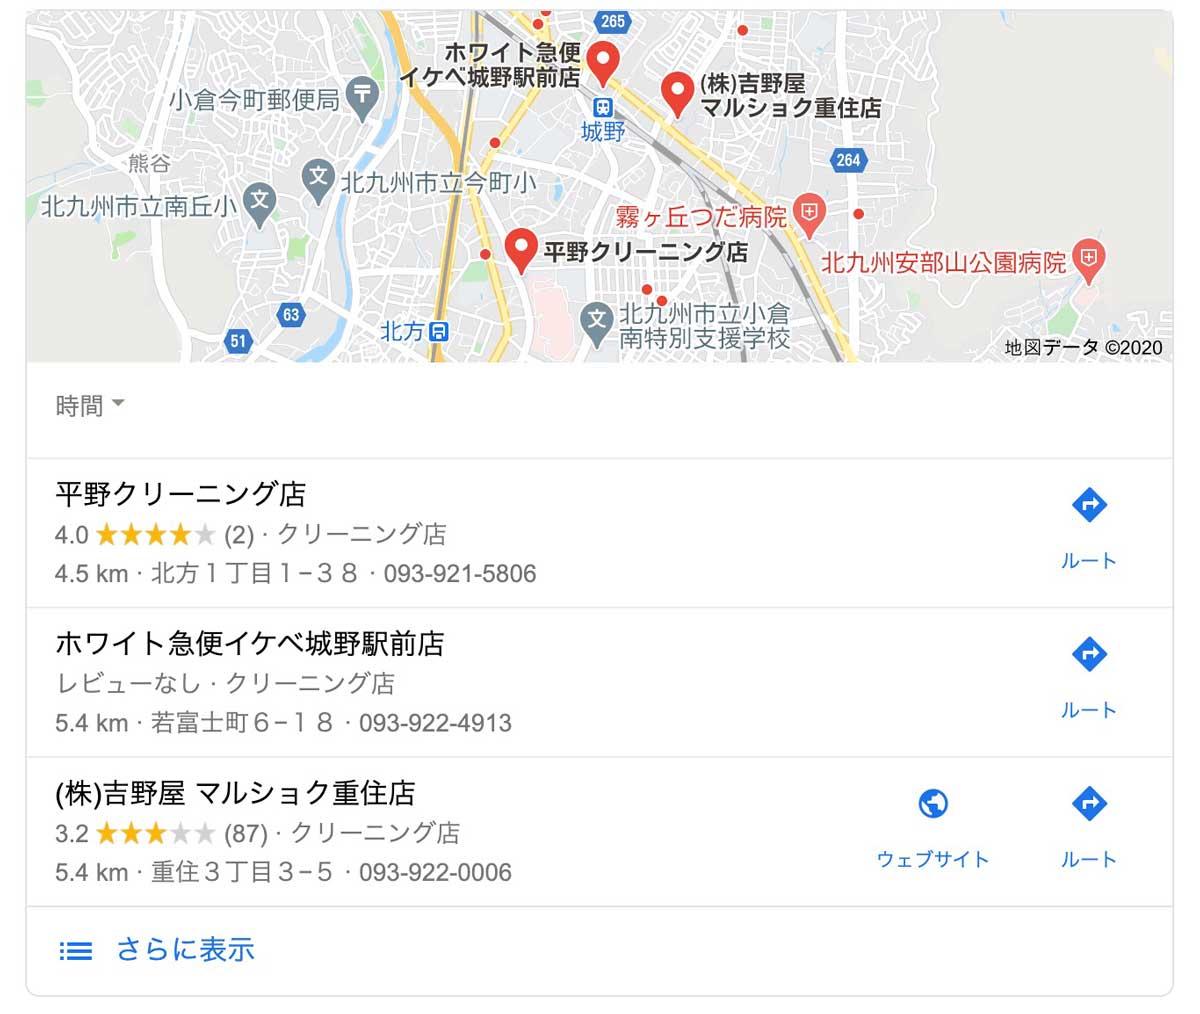 グーグルマップ一覧のイメージ